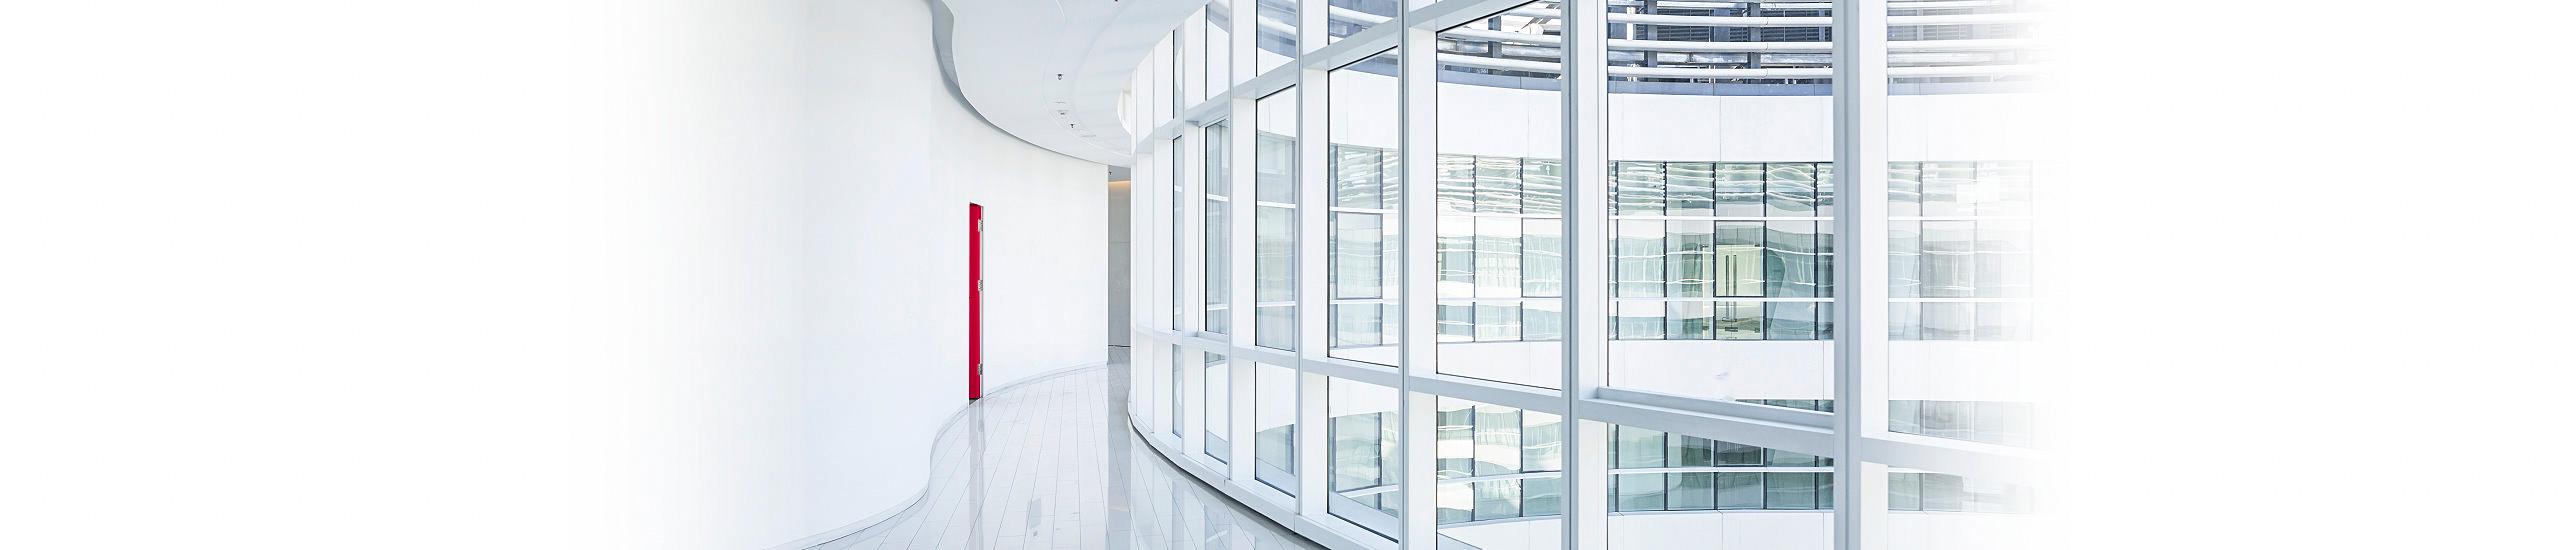 Unternehmen in Stuttgart ,erfolgreiche Vertriebsunterstützung von Startups durch Mumme & Partner